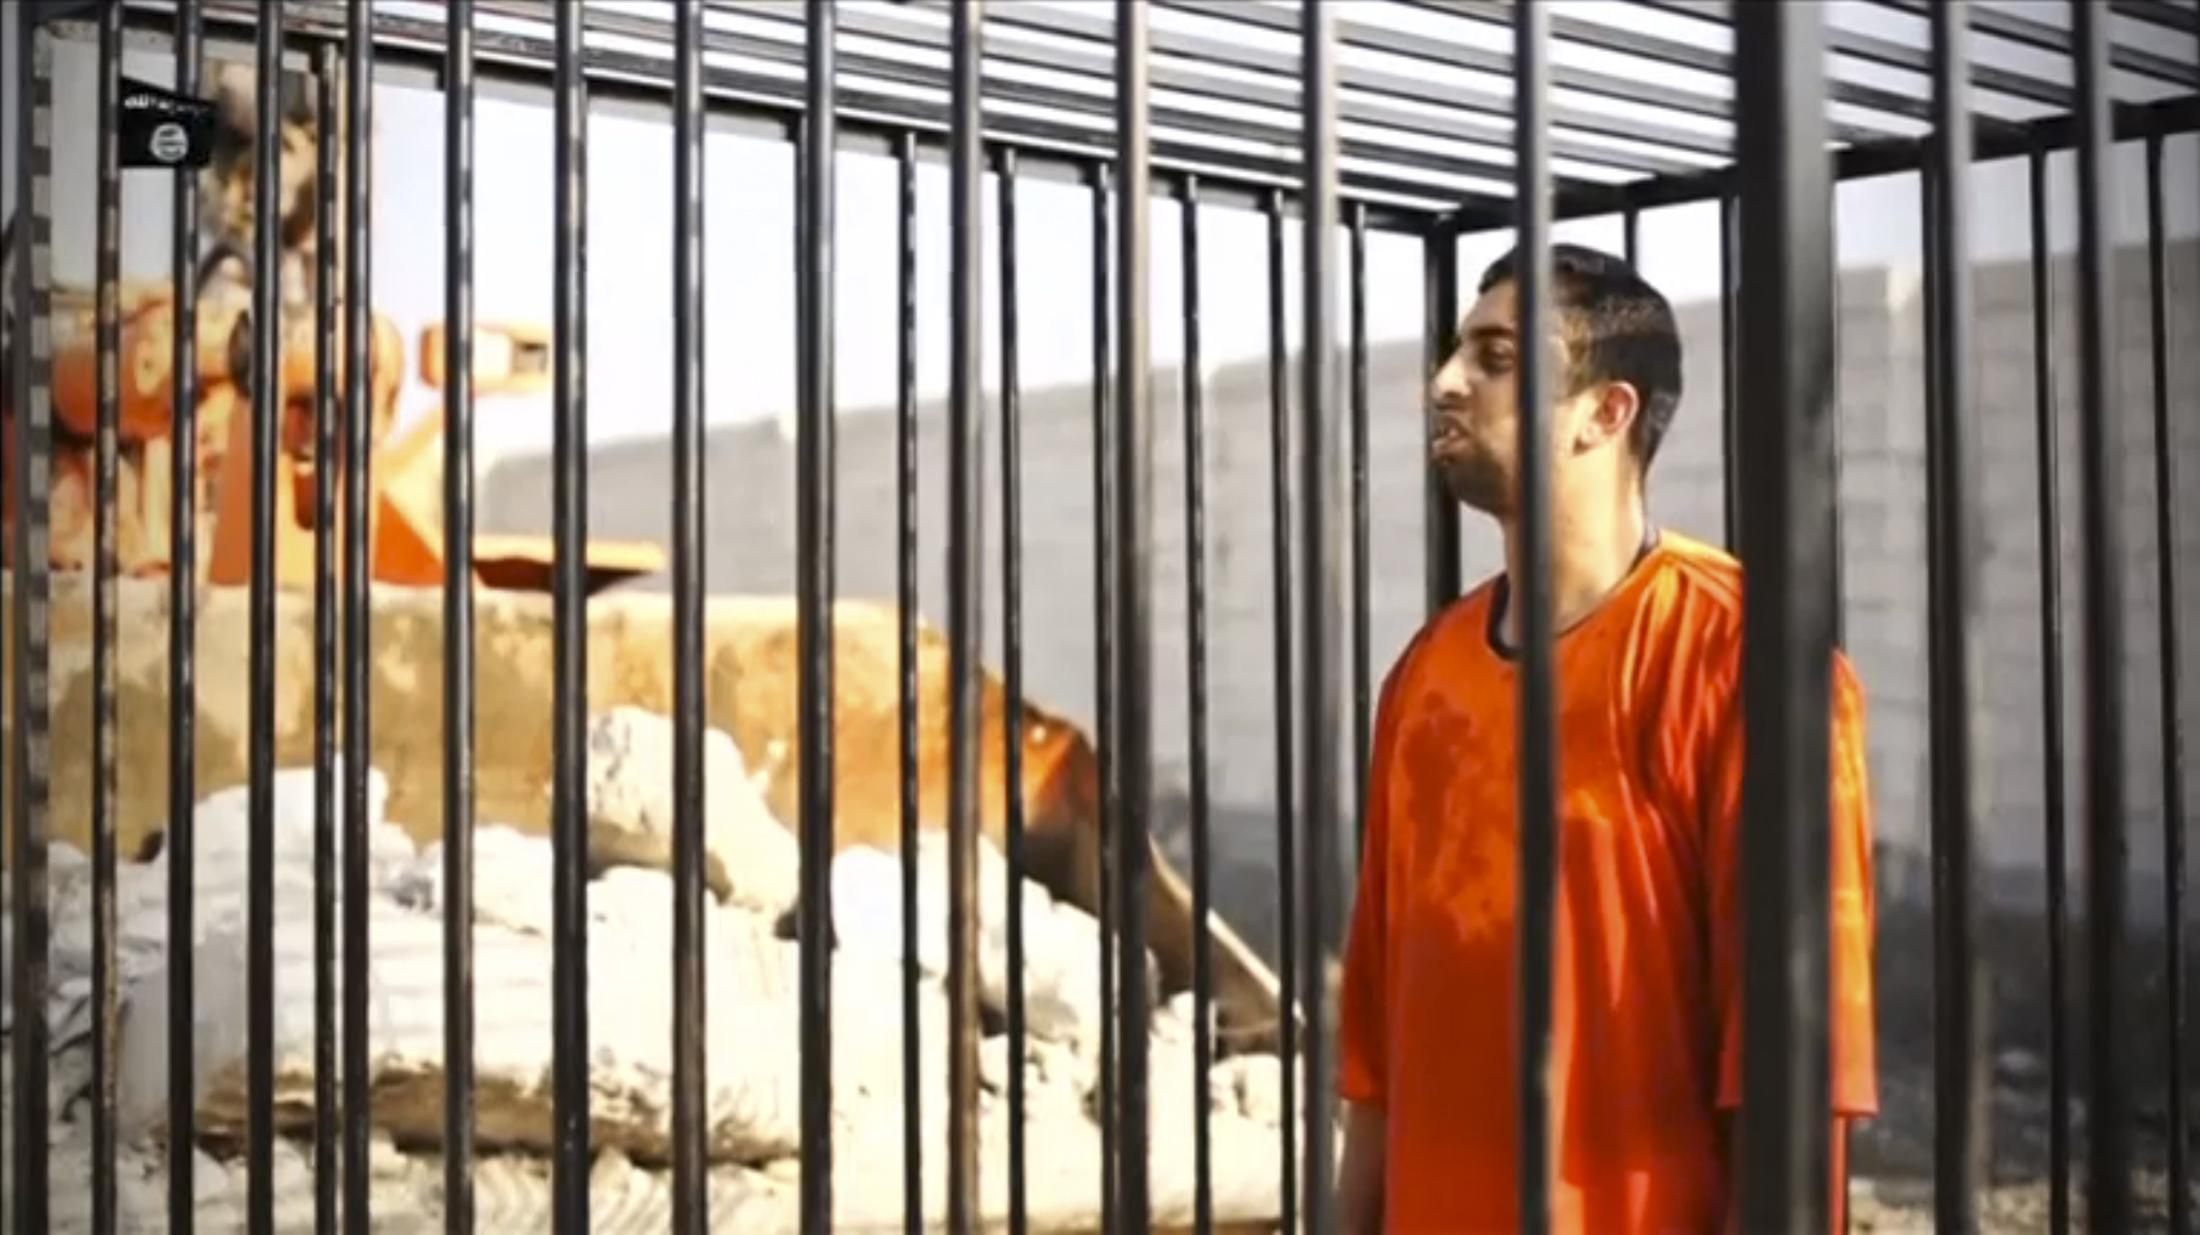 الطيار الأردني معاذ الكساسبة الذي أعدمه تنظيم داعش